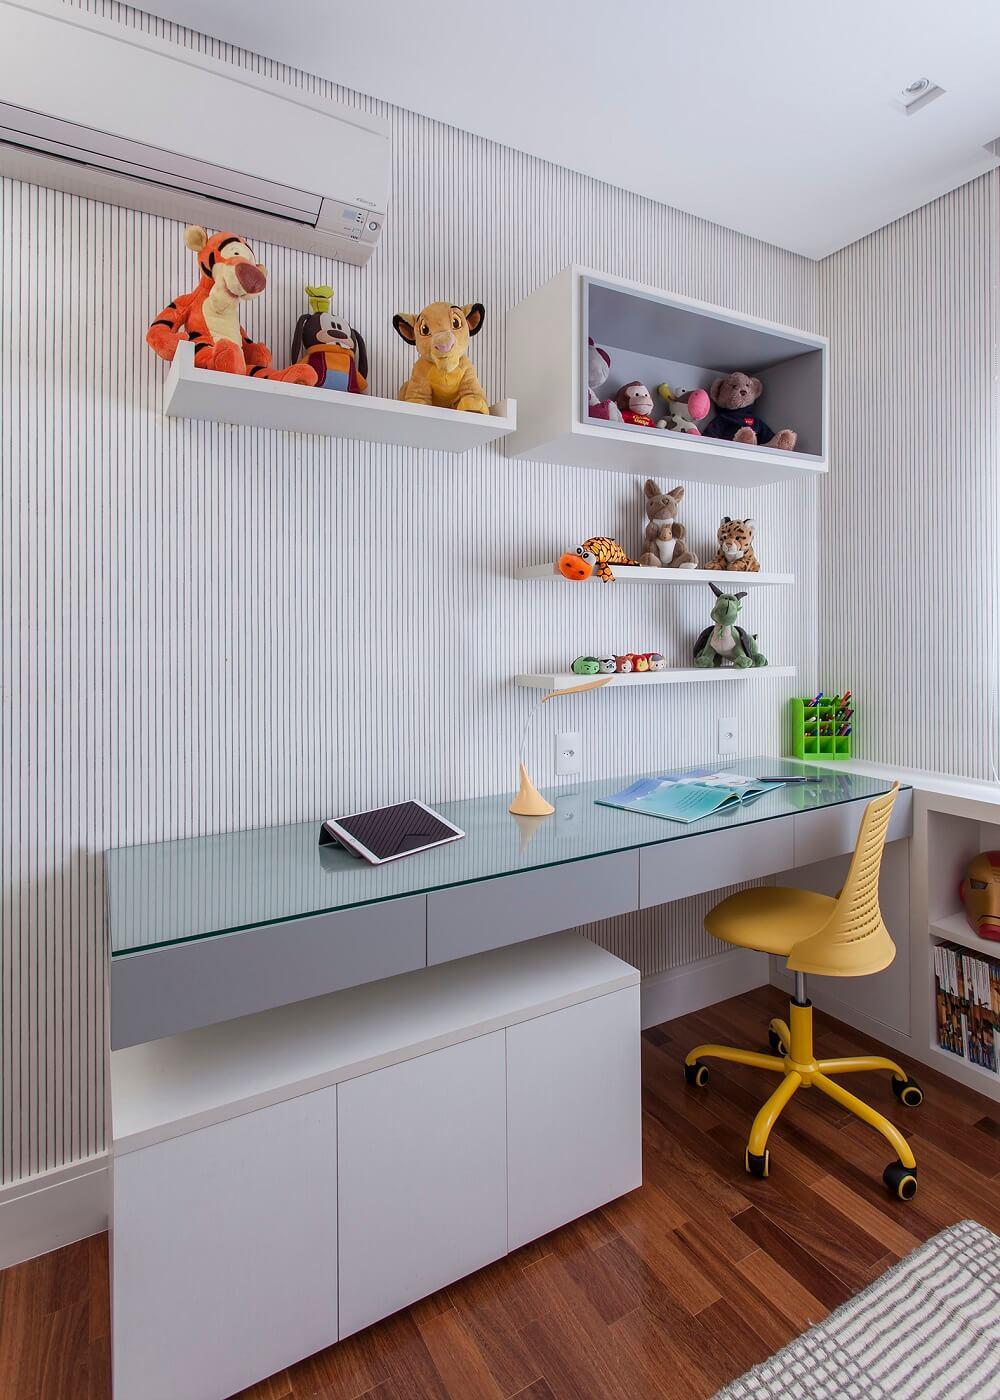 Em ambos os quartos é possível encontrar o revestimento listrado e as mesas de estudo. Foto: Eduardo Pozella